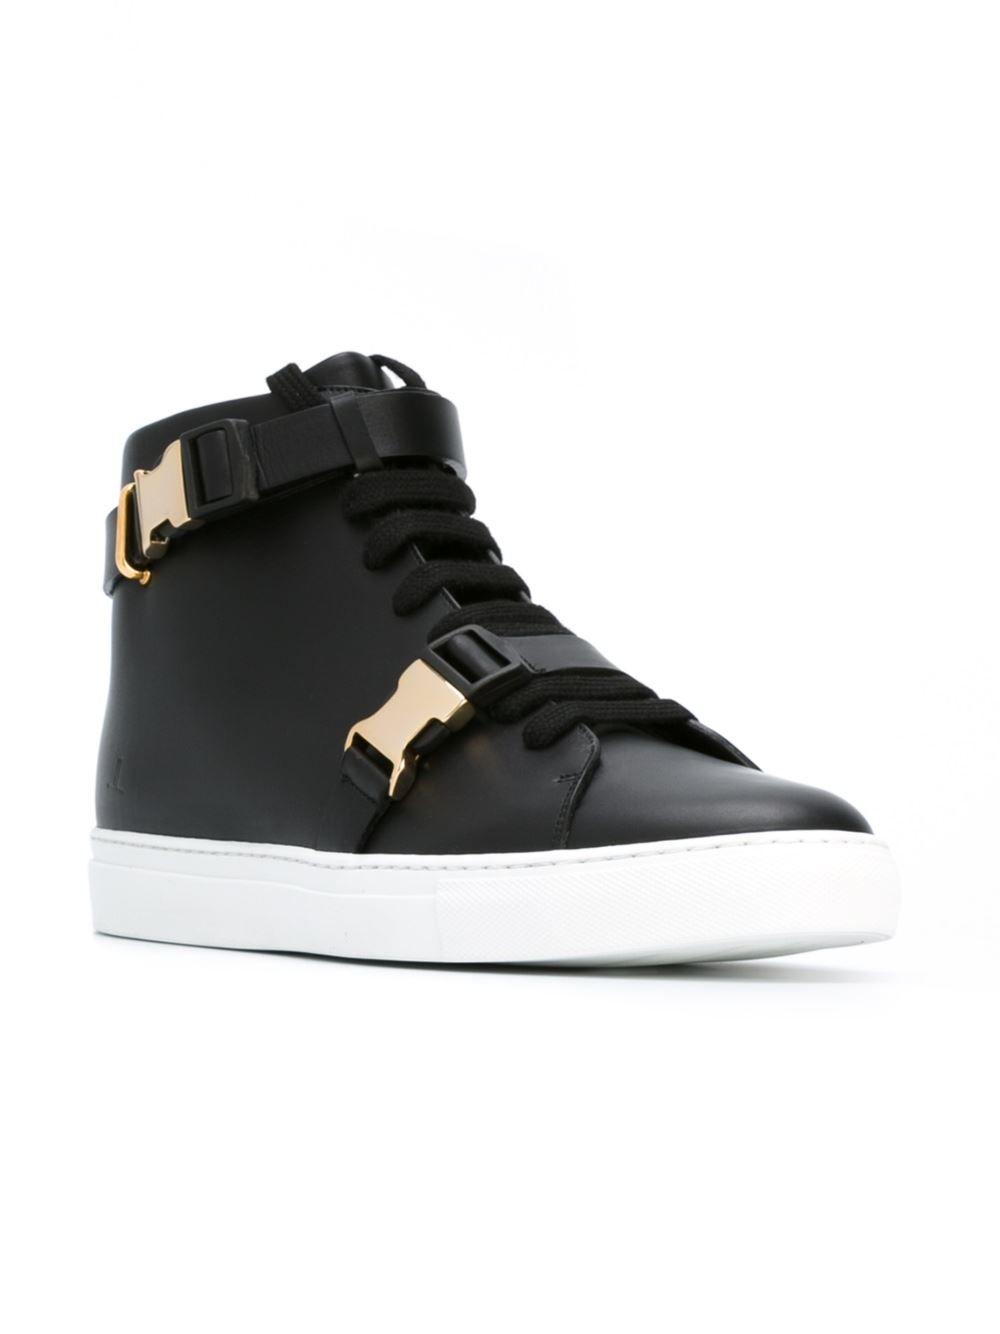 FOOTWEAR - High-tops & sneakers Louis Leeman 4oxWOhA